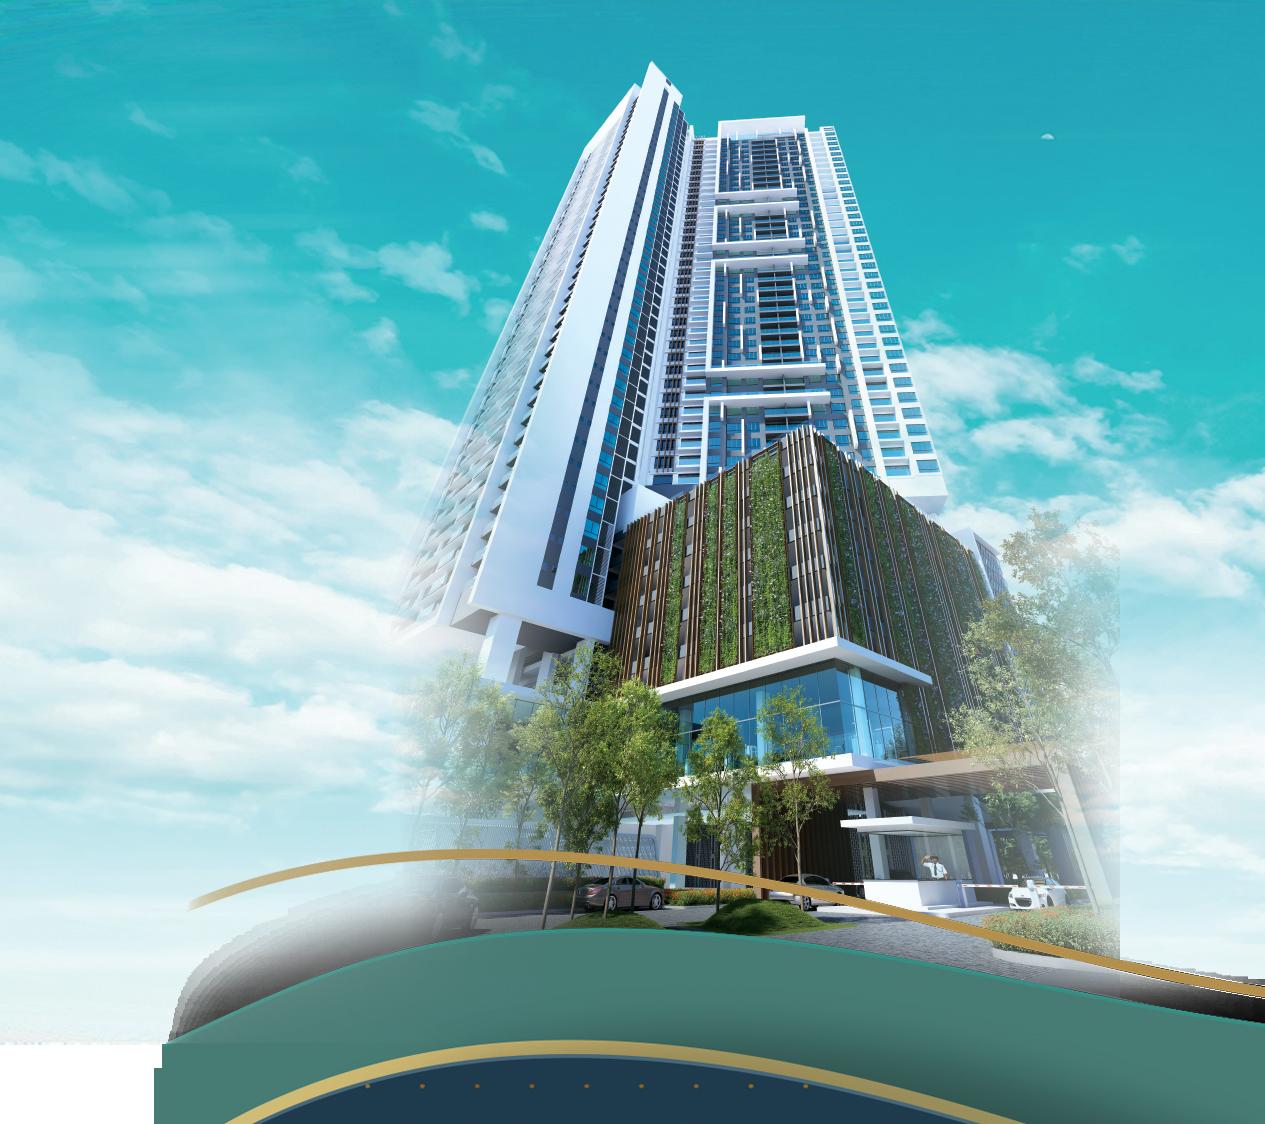 concept-building